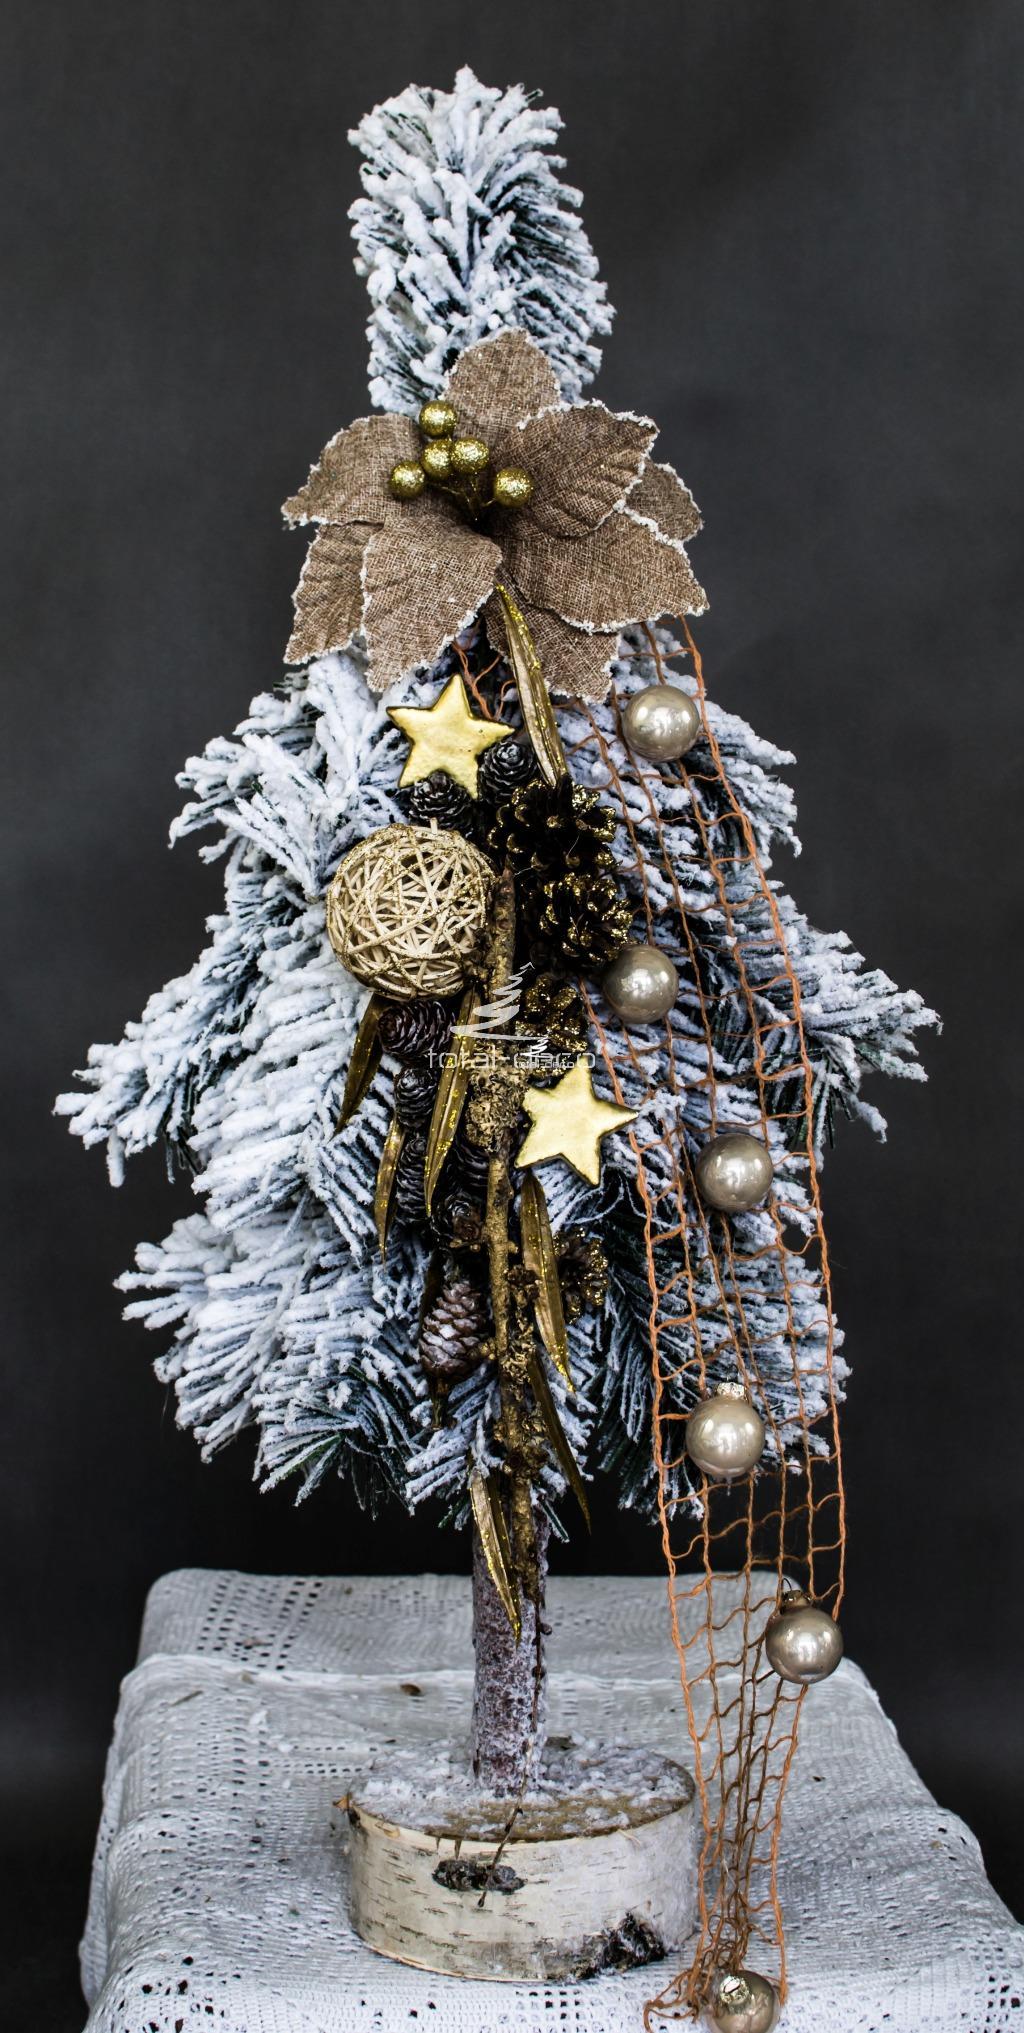 choinka biała ubrana gęsta sztuczna dekoracyjna ozdobna minimalistyczna biała ośnieżona opruszona śniegiem choinka ubrana białą choinka ubrana złoto